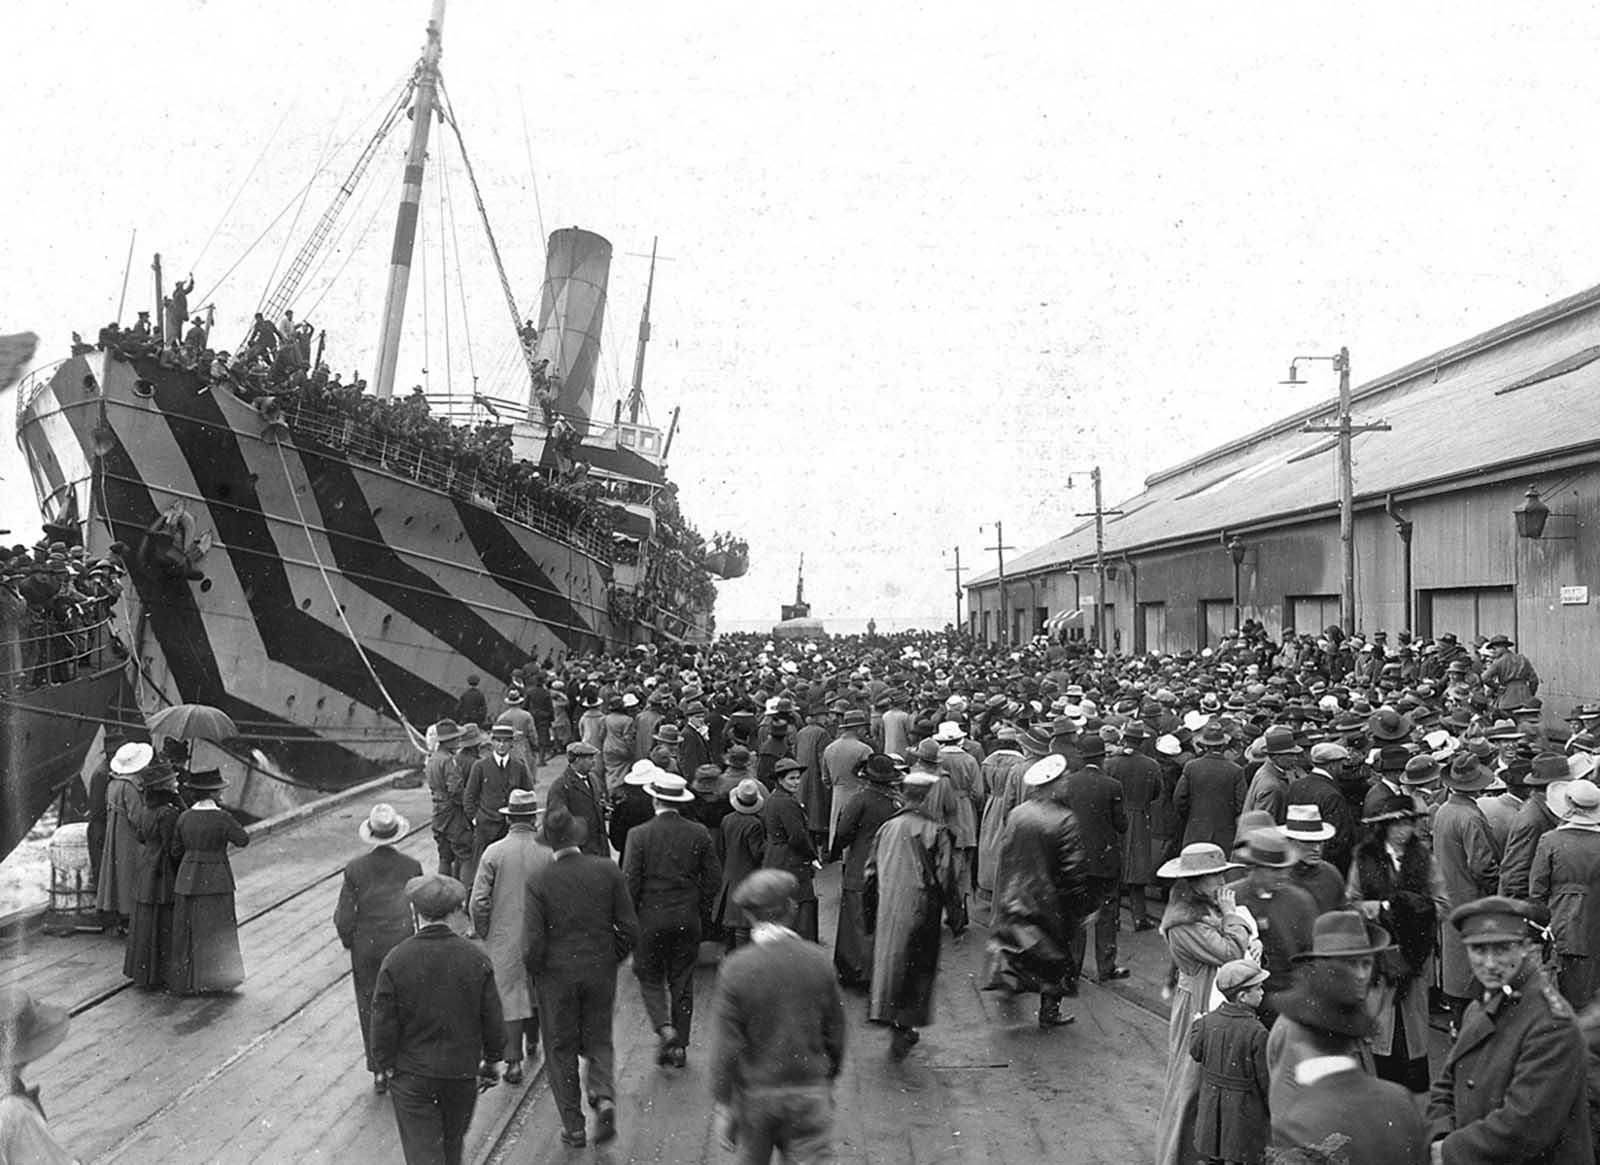 Tömeg a kikötőben, a dél-ausztráliai Outer Harbor kikötőjében, üdvözlő álcázott csapatszállító hajókkal, amelyek hazahozzák az embereket a tengerentúli szolgálatból, 1918 körül.